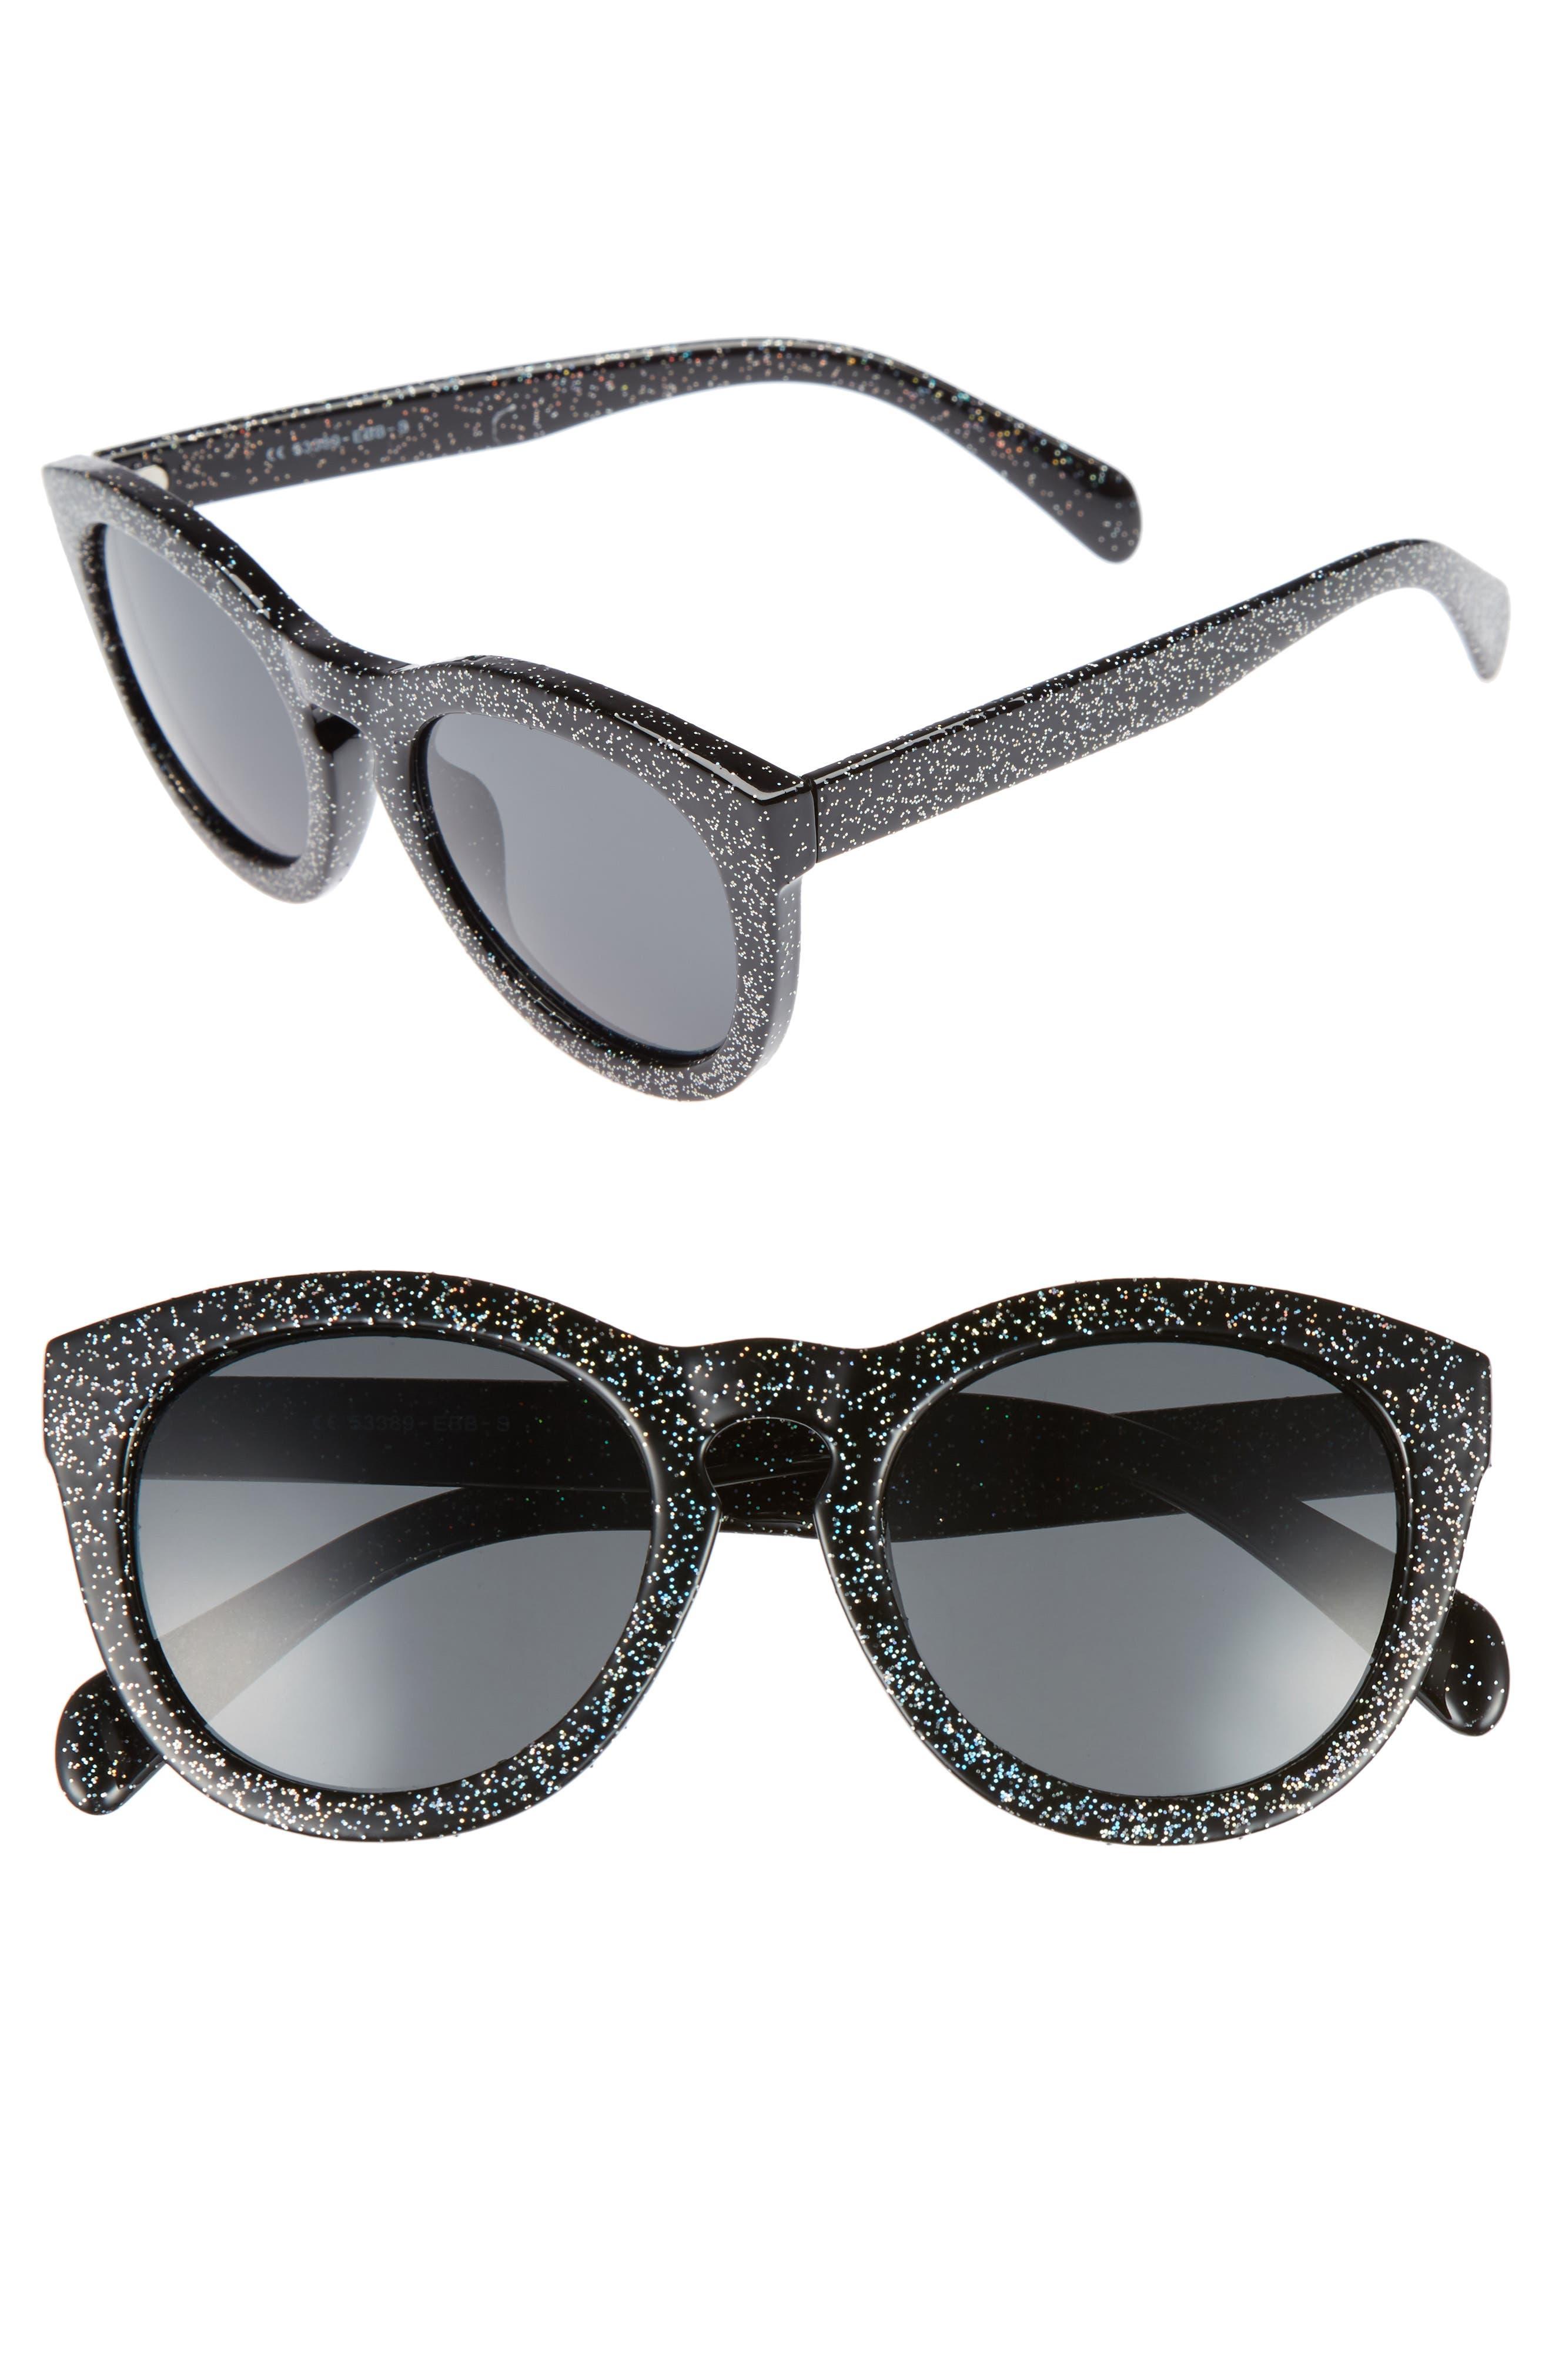 50mm Glitter Round Sunglasses,                         Main,                         color, Black